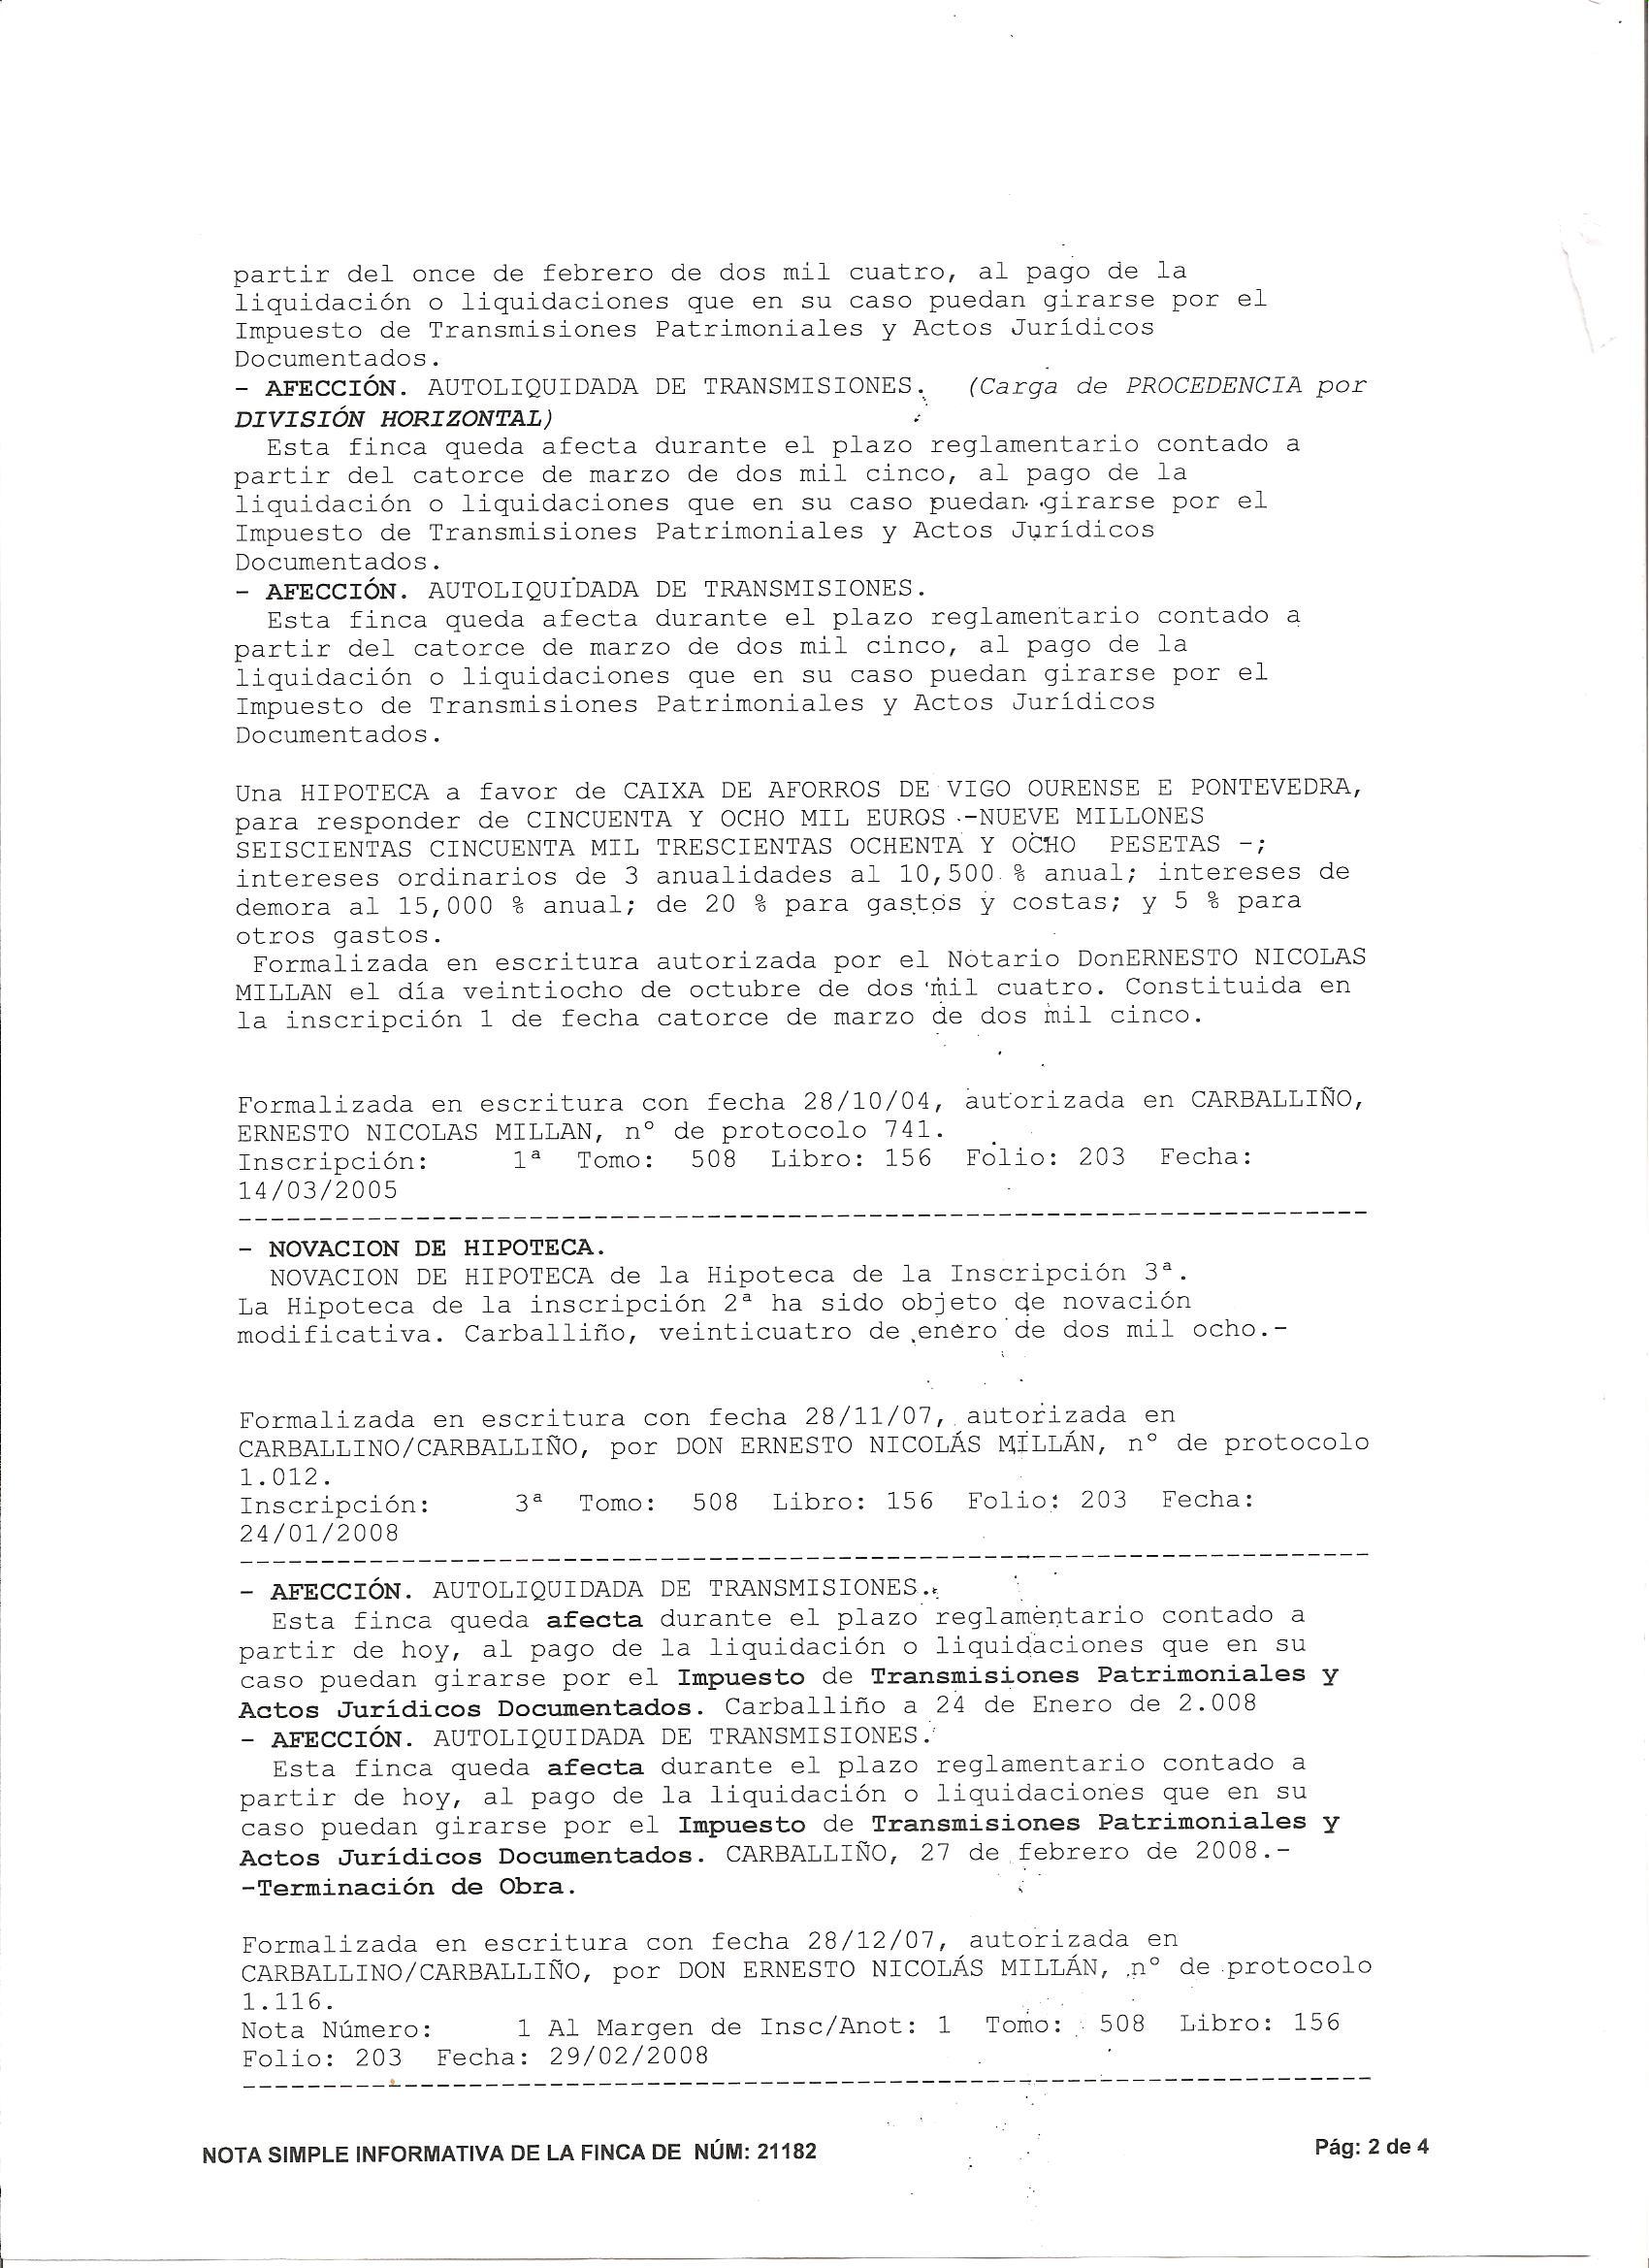 Foro de ayuda de cl usulas suelo irph gastos for Comprobar clausula suelo